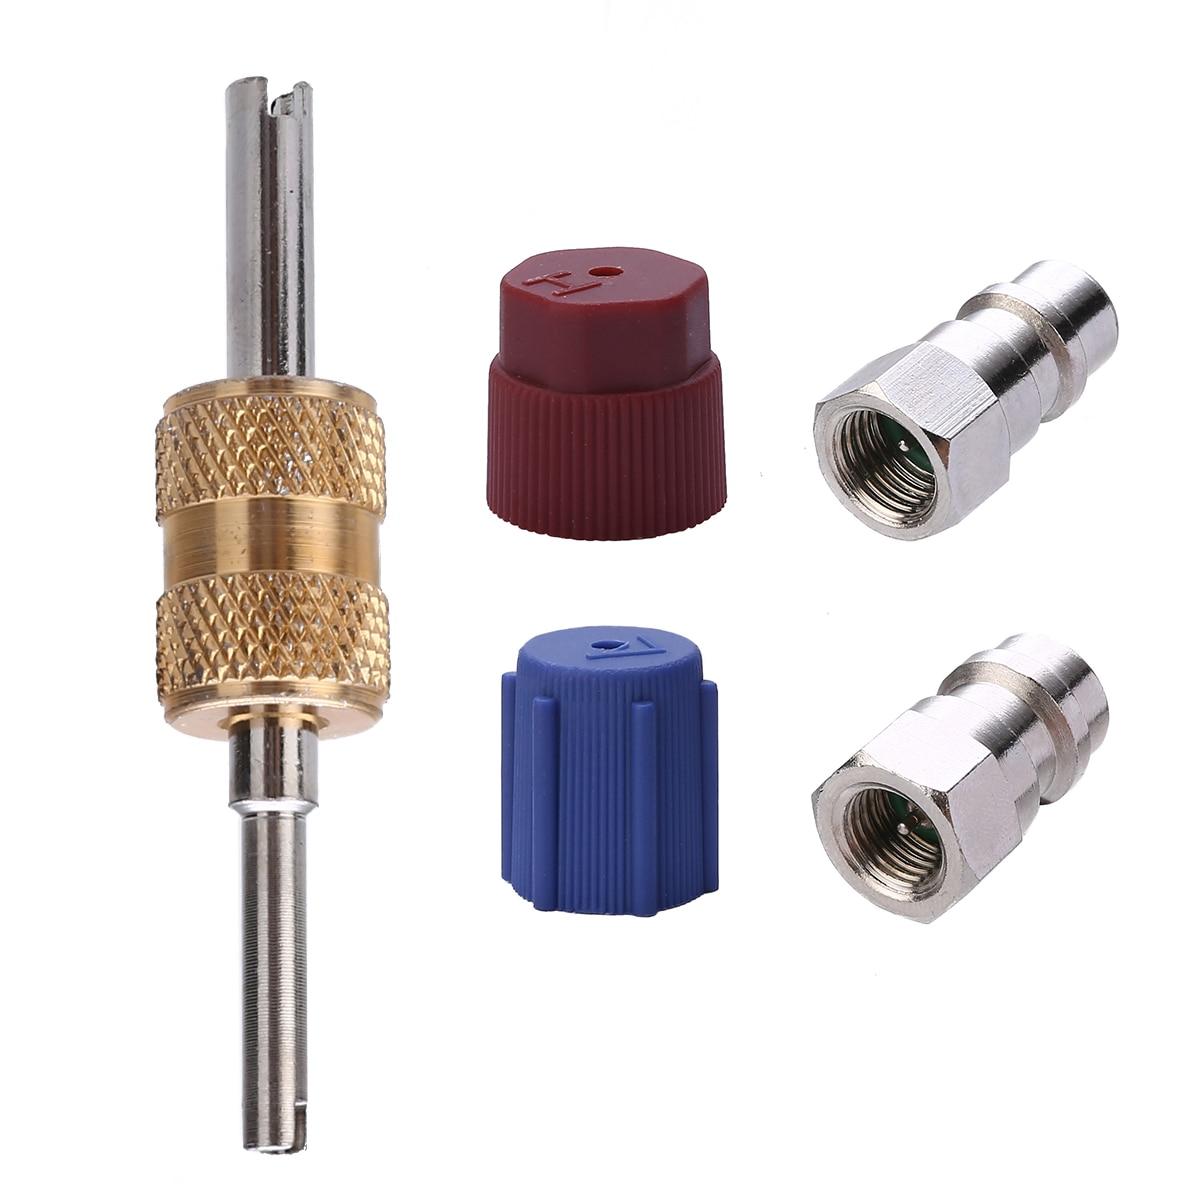 1 conjunto ac adaptador de porta montagem retrofit r12 para aceitar r134 alta baixa dupla-cabeça válvula núcleo lado a/c retrofits acessórios ferramenta